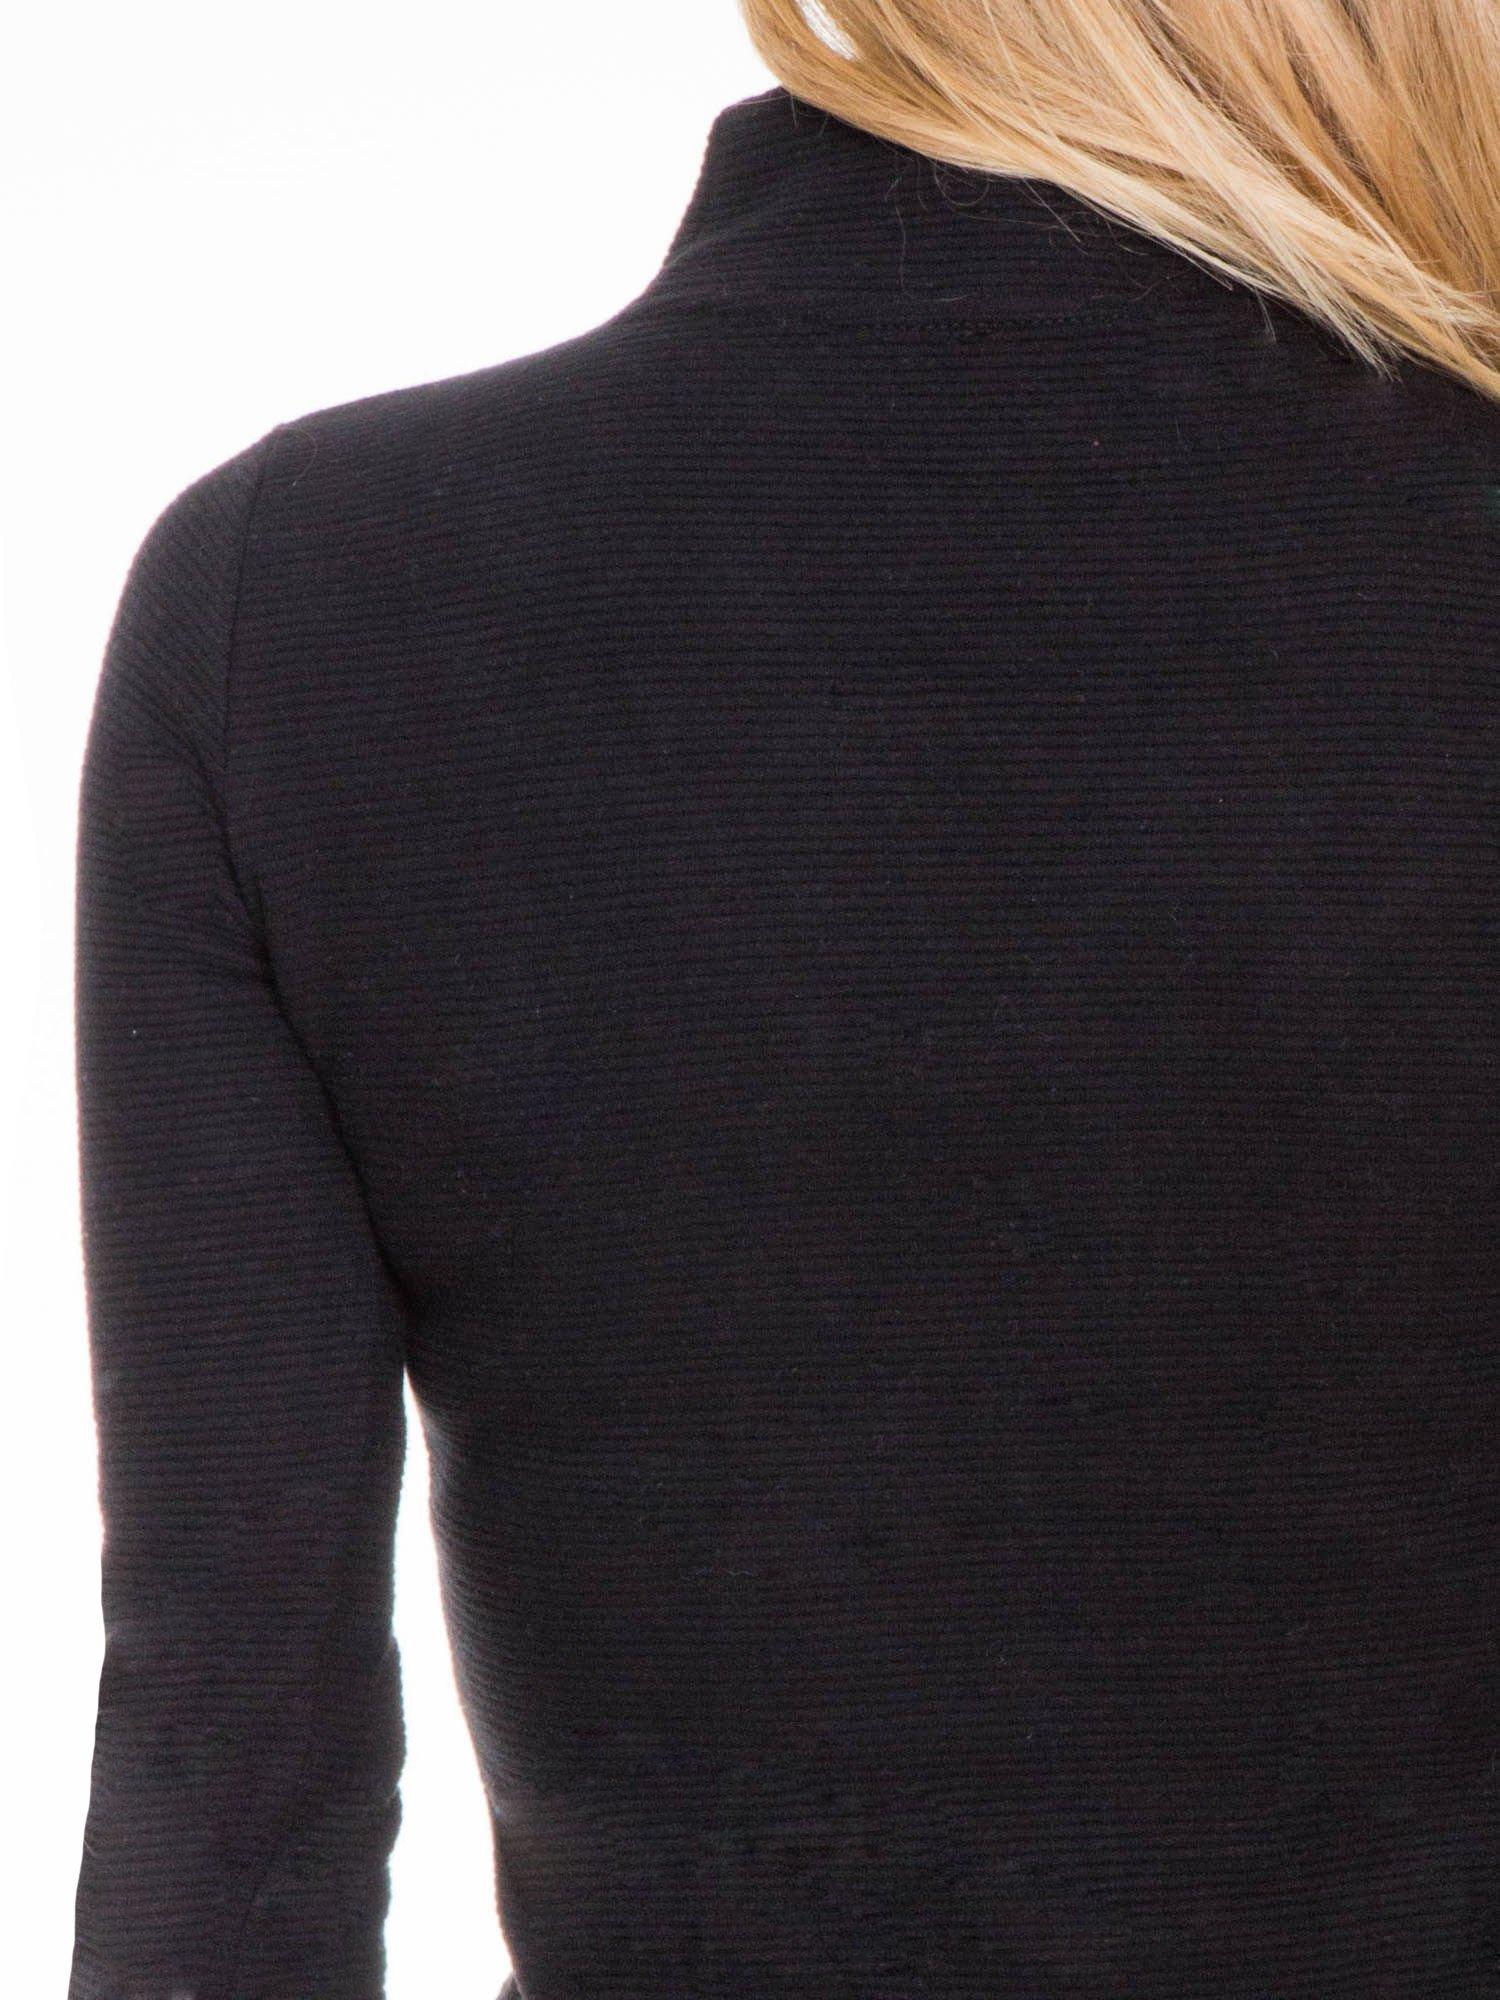 Czarna dzianinowa sukienka tuba z golfem                                  zdj.                                  8